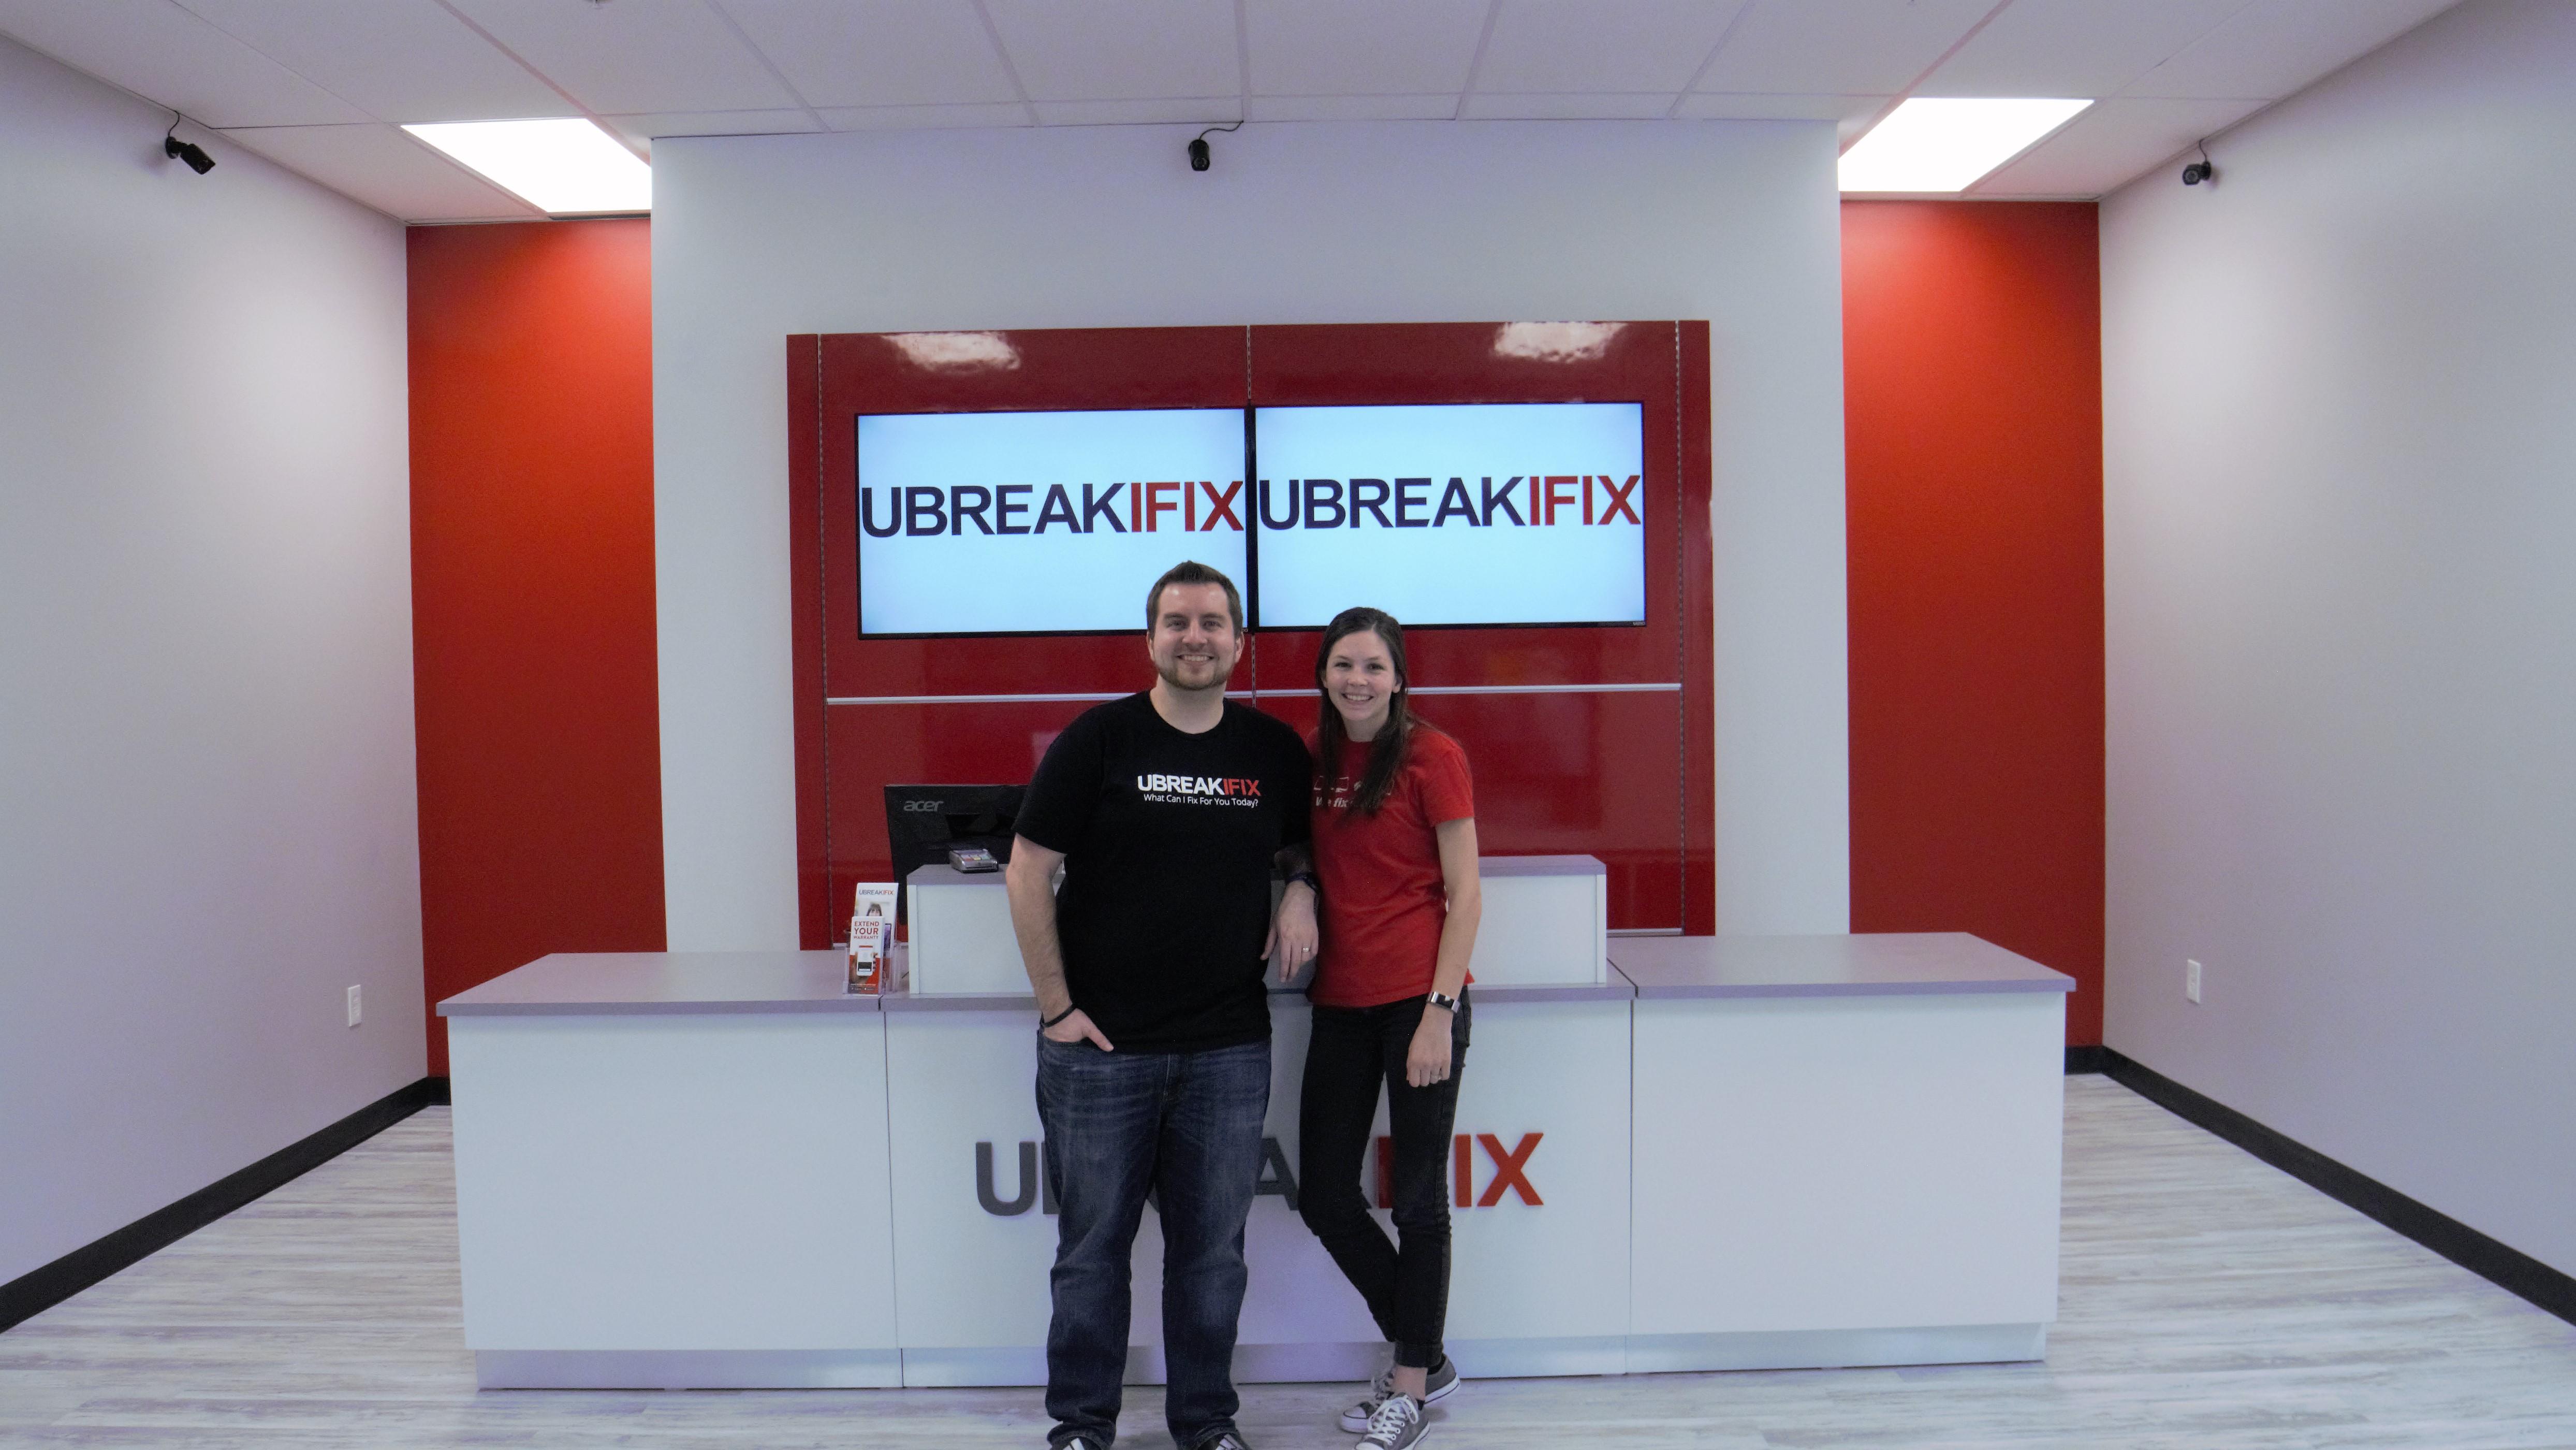 uBreakiFix image 3